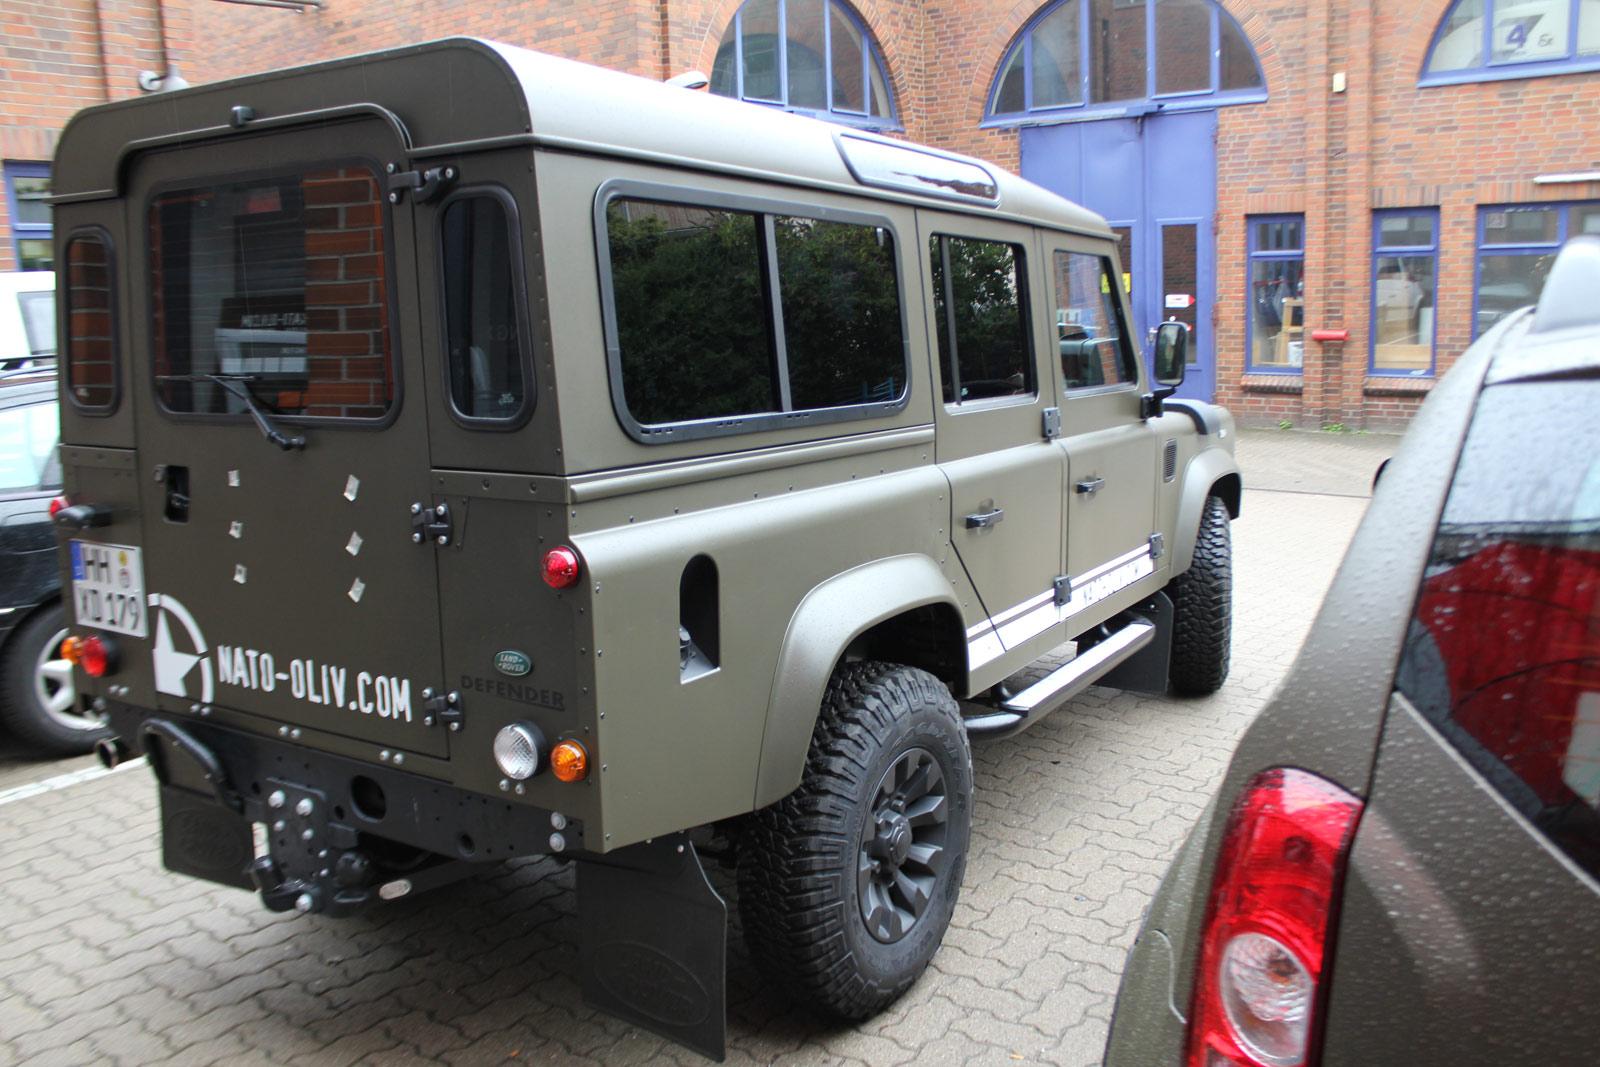 Land Rover Folierung in Nato-Oliv und schwarz matter Sprühfolie.